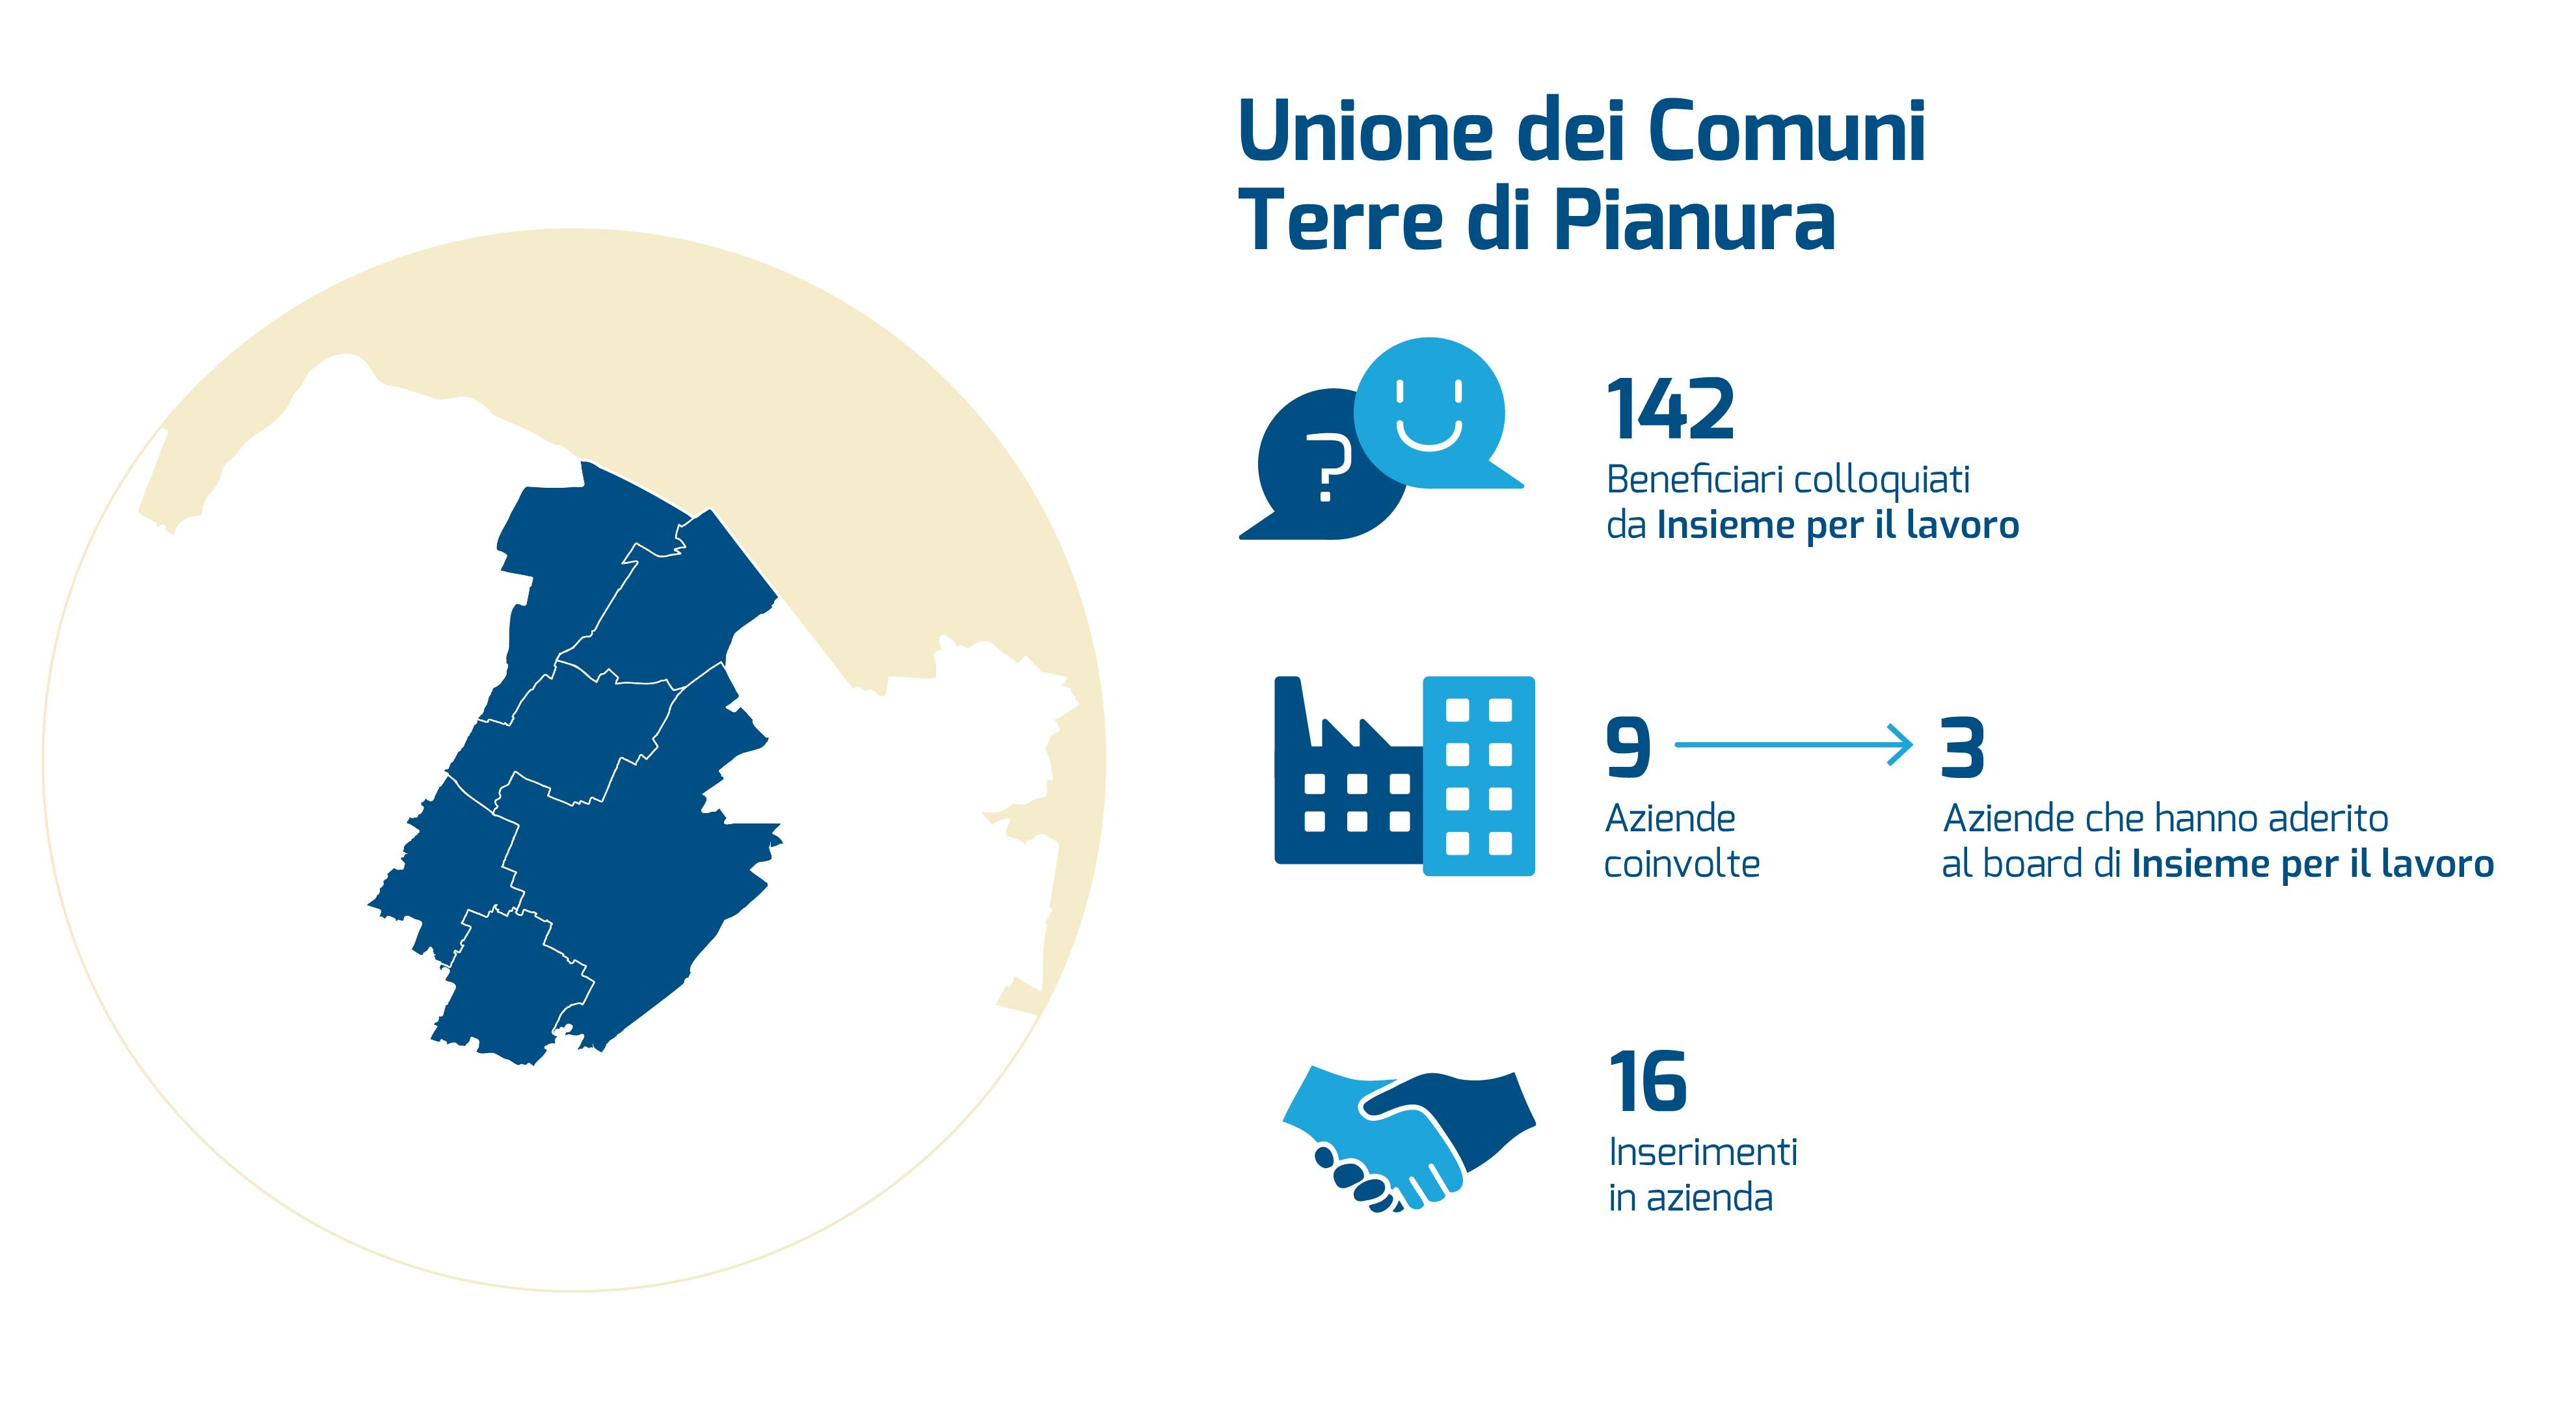 info-grafica Unione dei Comuni Terre di Pianura